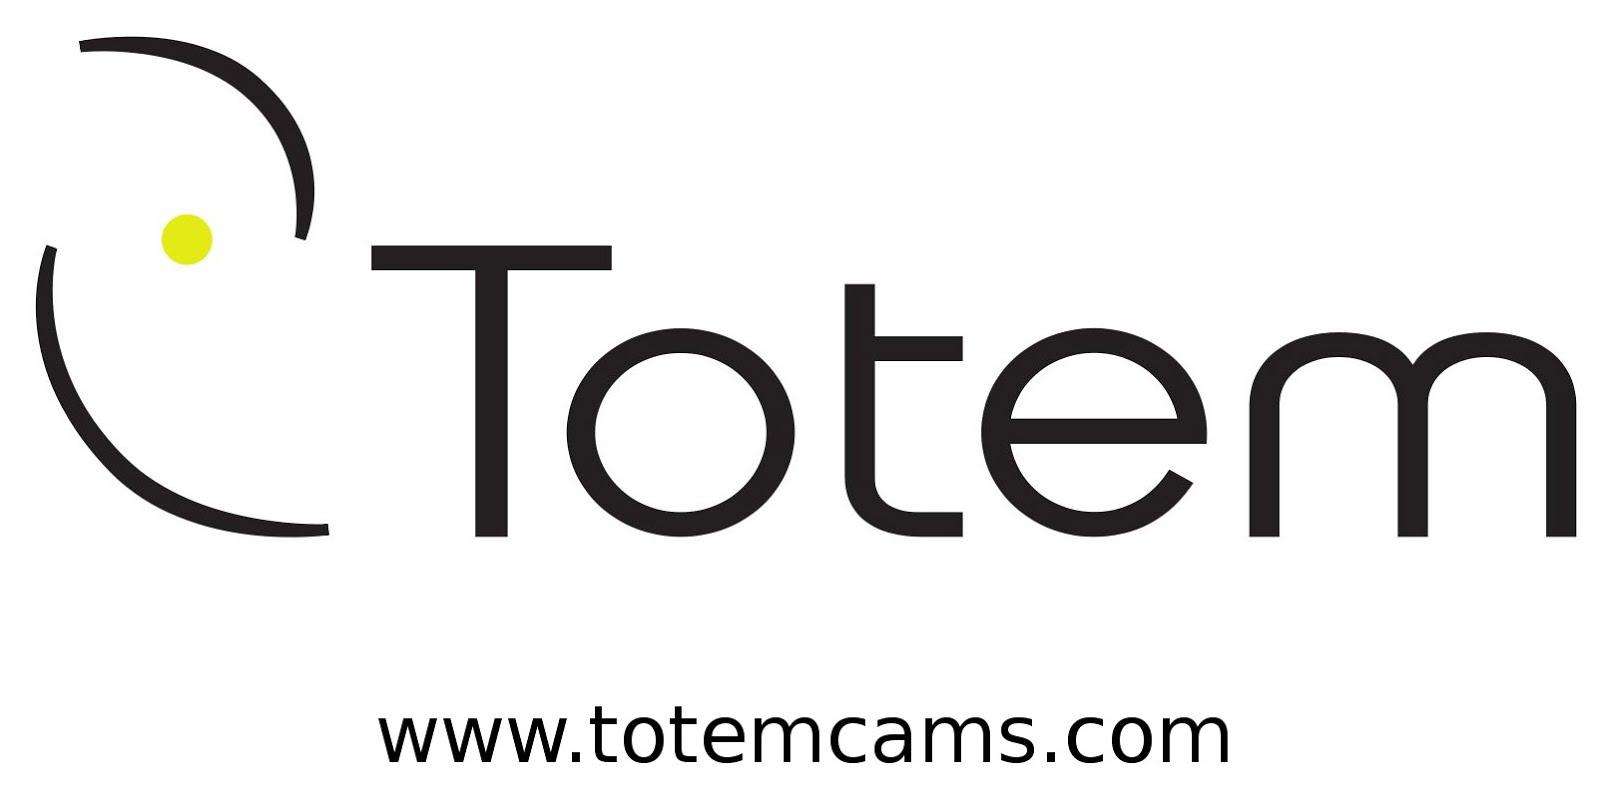 TOTEM CAMS